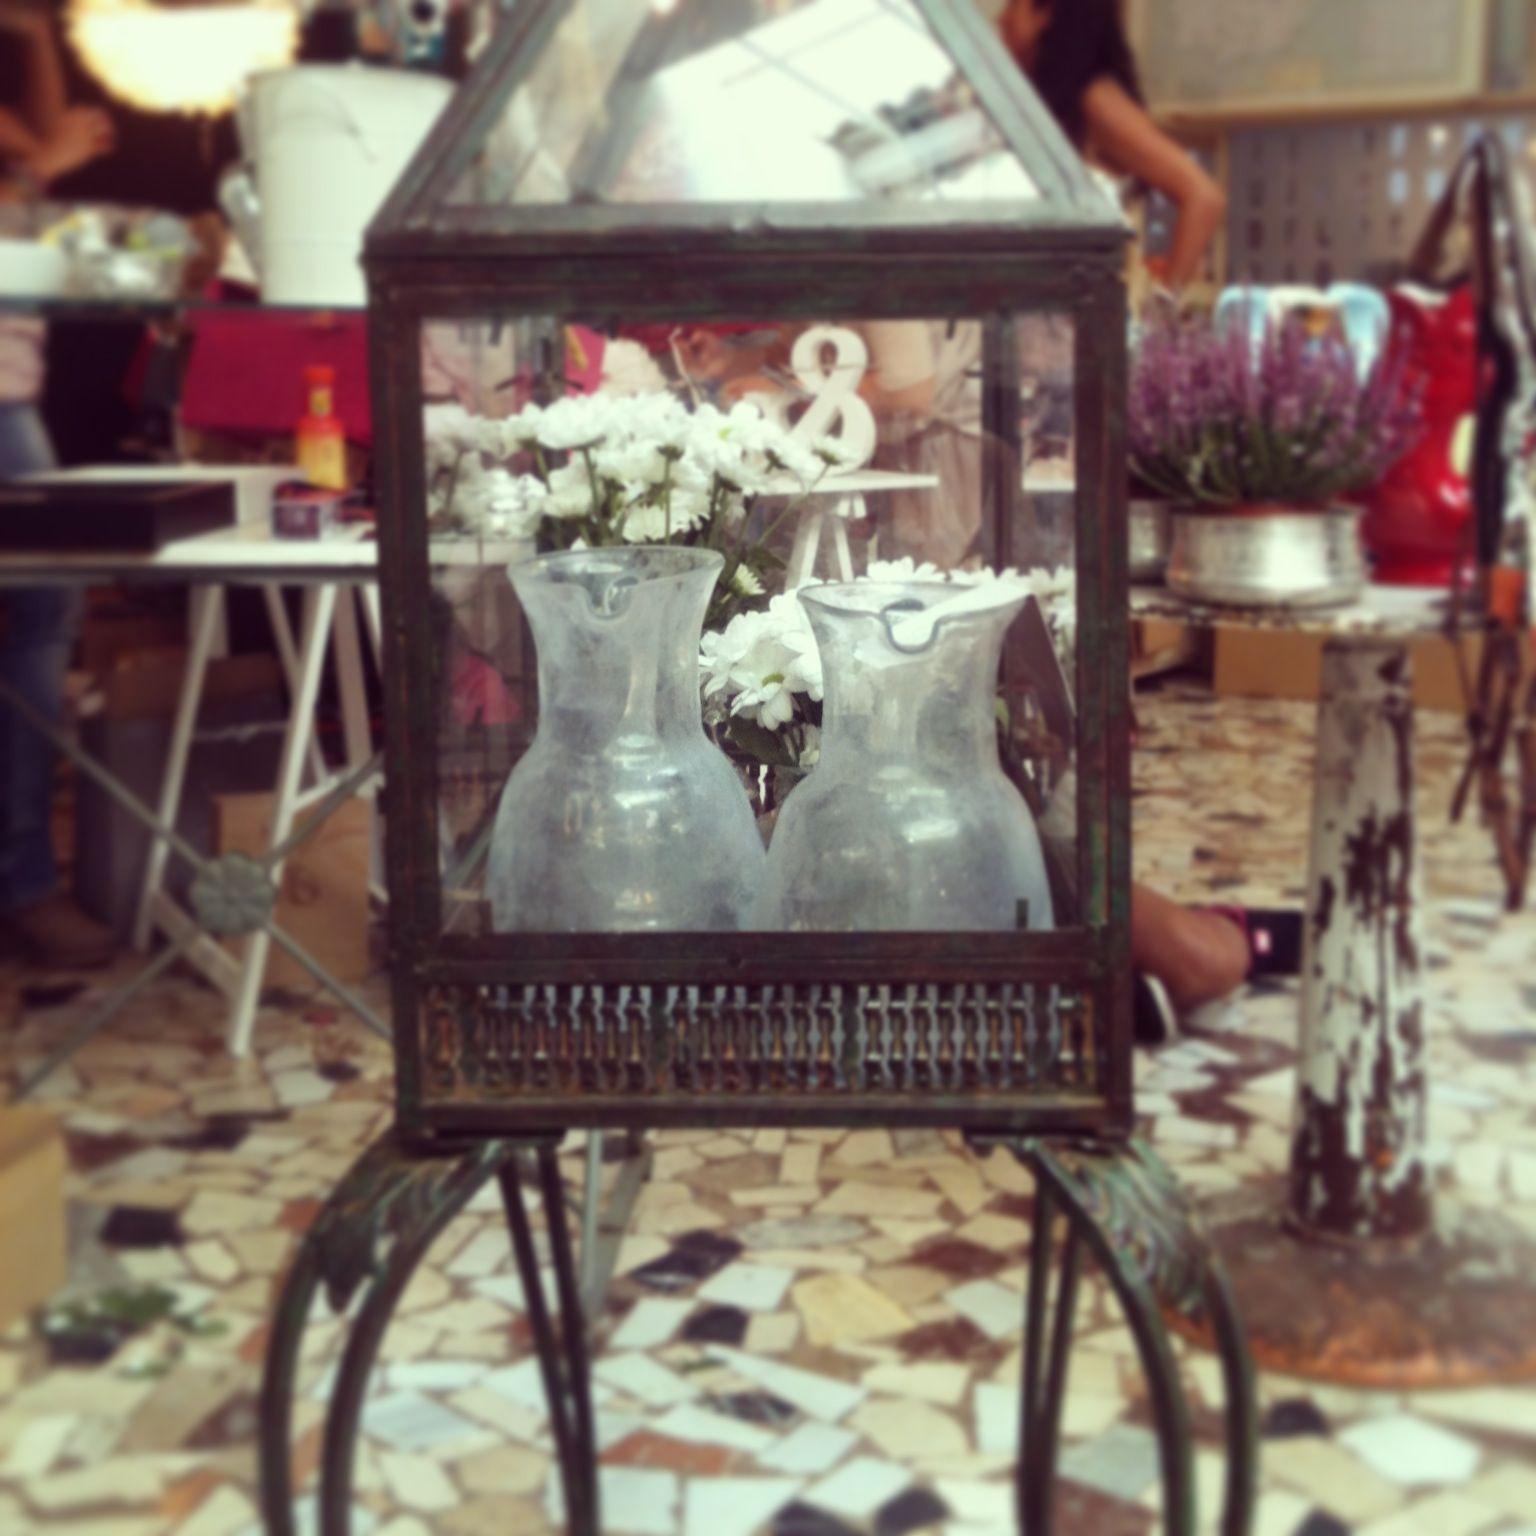 Los jarrones de vidrio soplado hechos a mano en Siria, disponibles en #DecorAccion2013 #compras #madrid #spain #siria #viloop #decoracion